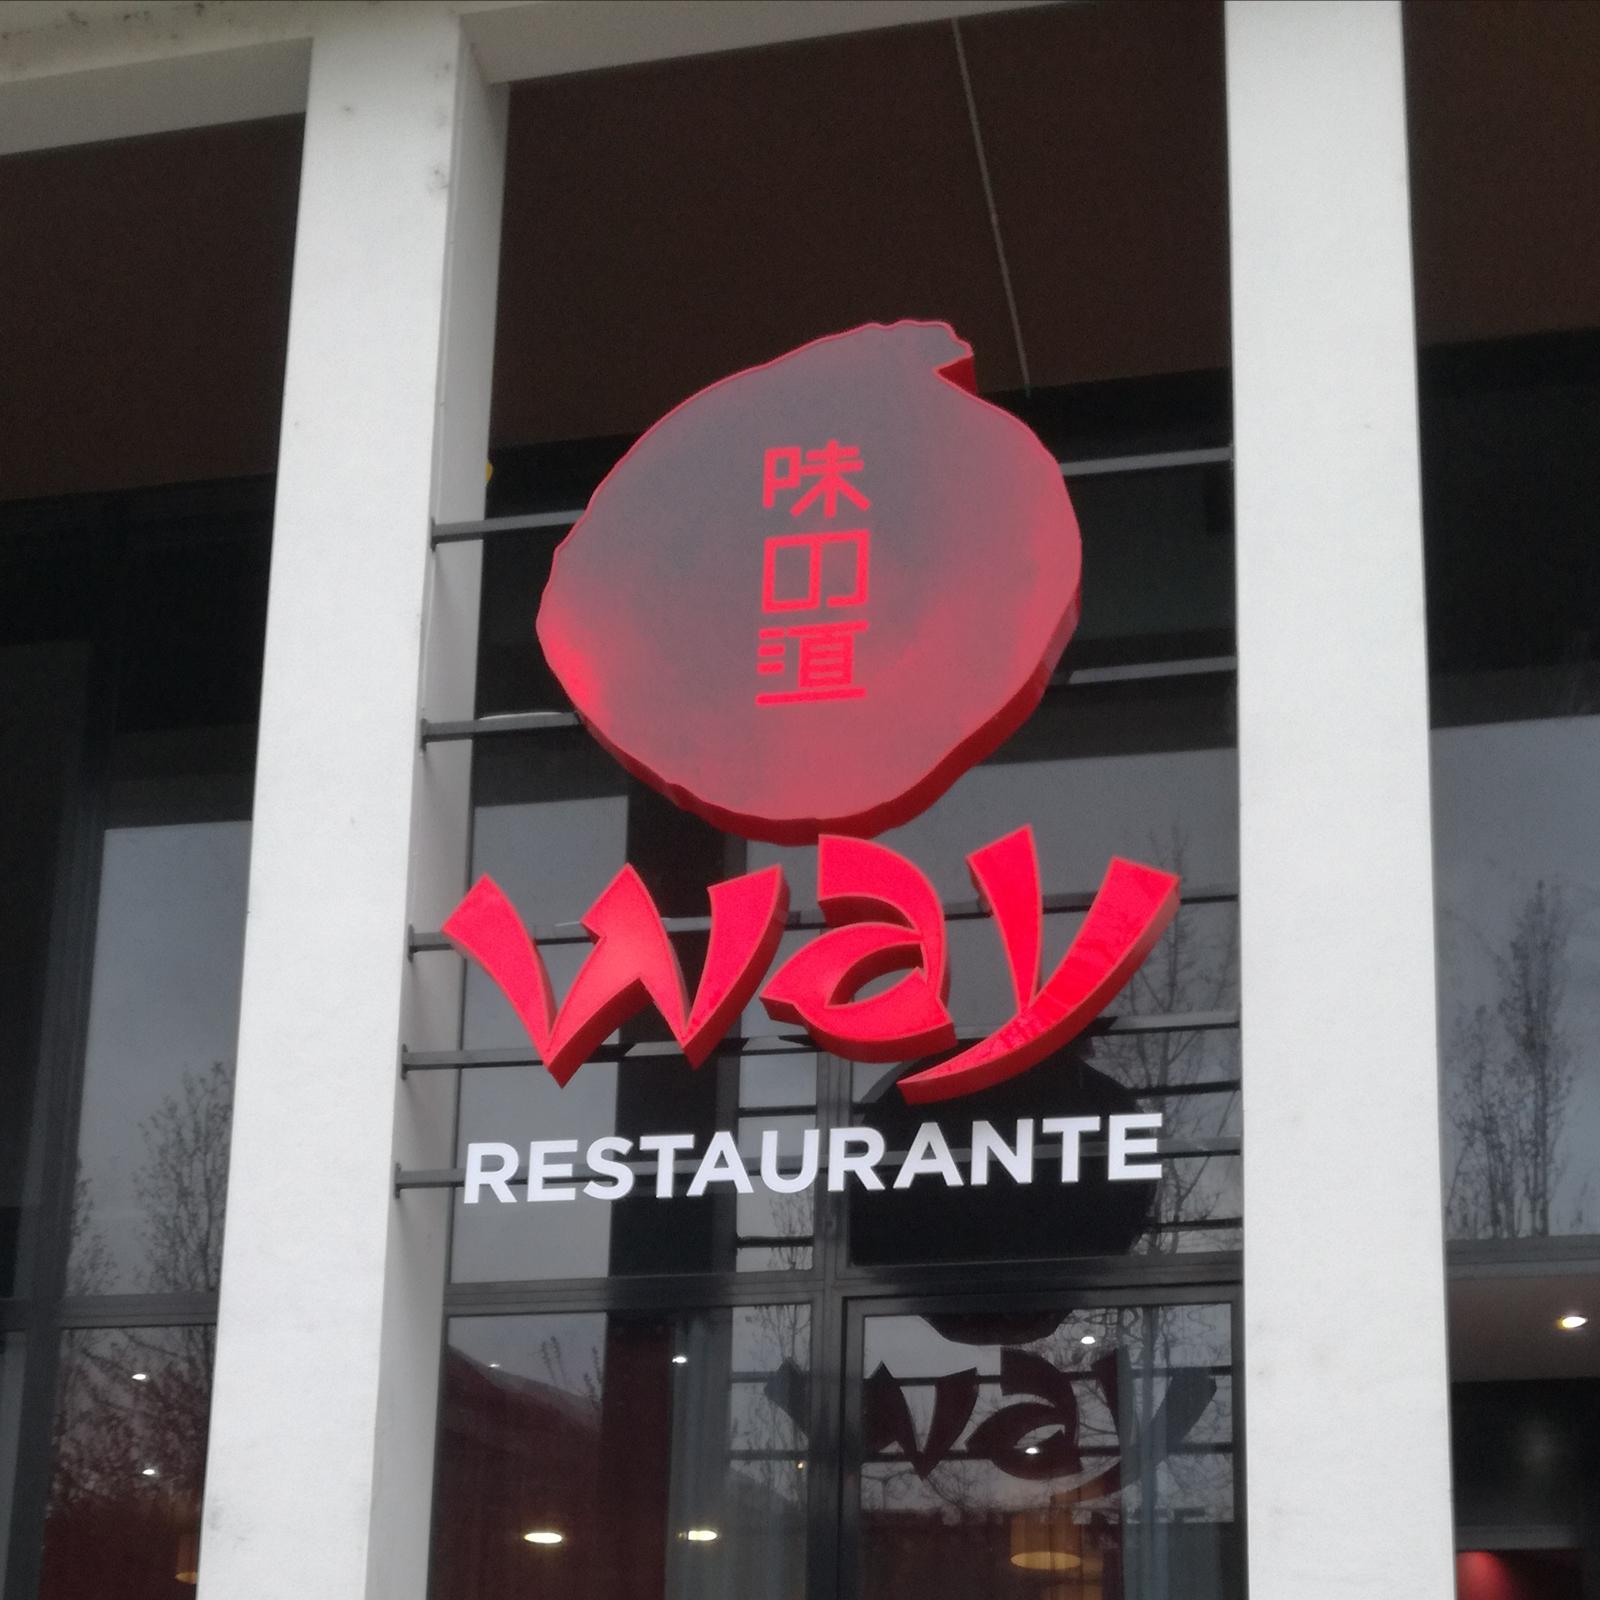 Way Restaurante